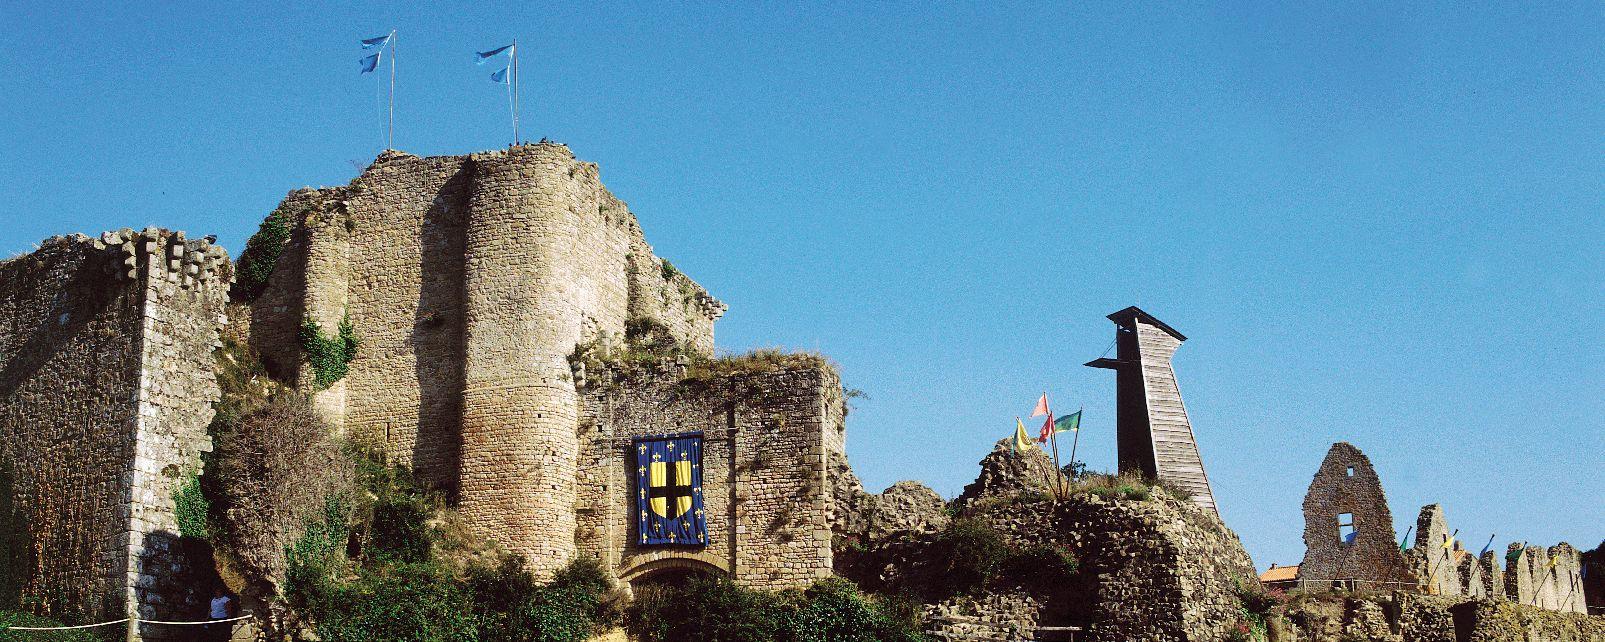 Tiffauges, château de Barbe Bleue , Un lieu chargé d'Histoire , France